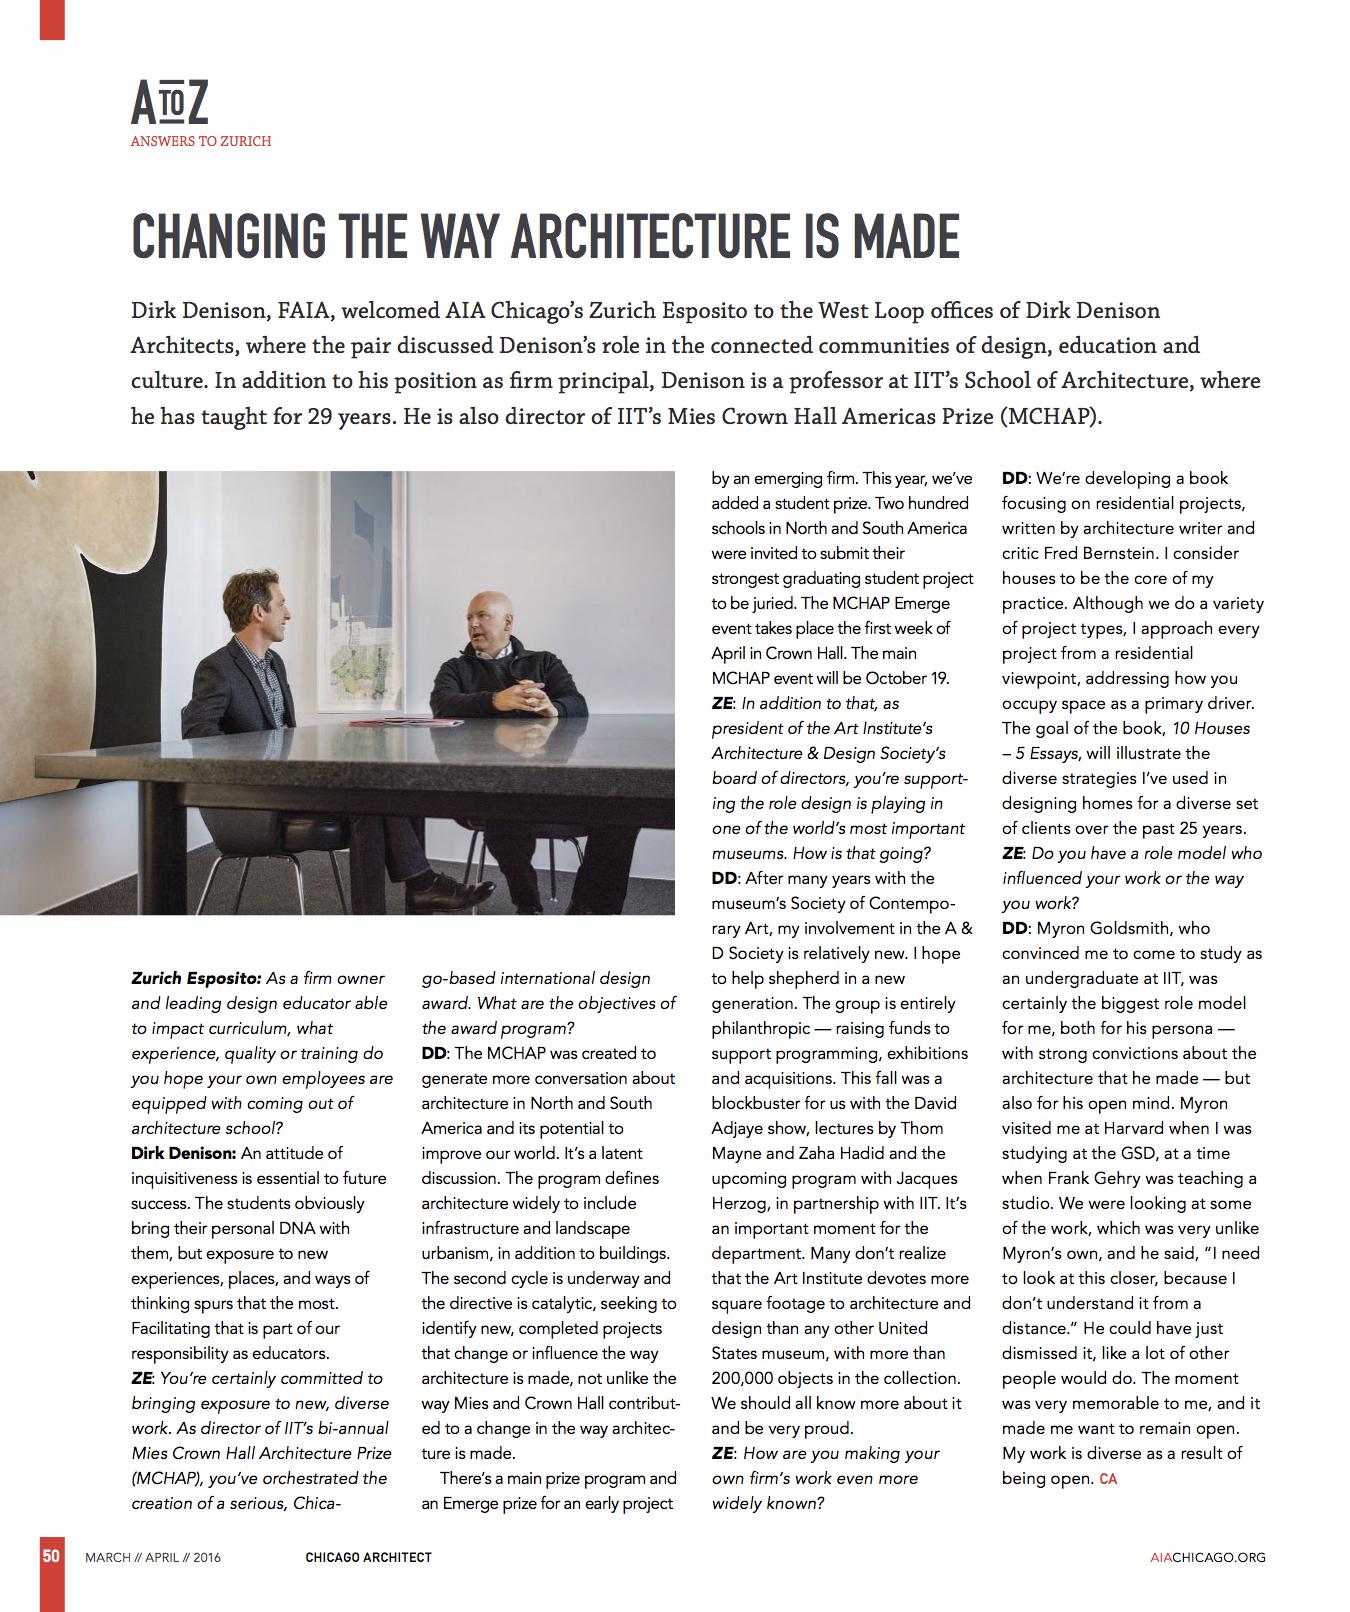 Chicago+Architect_Dirk+Denison+2.jpg